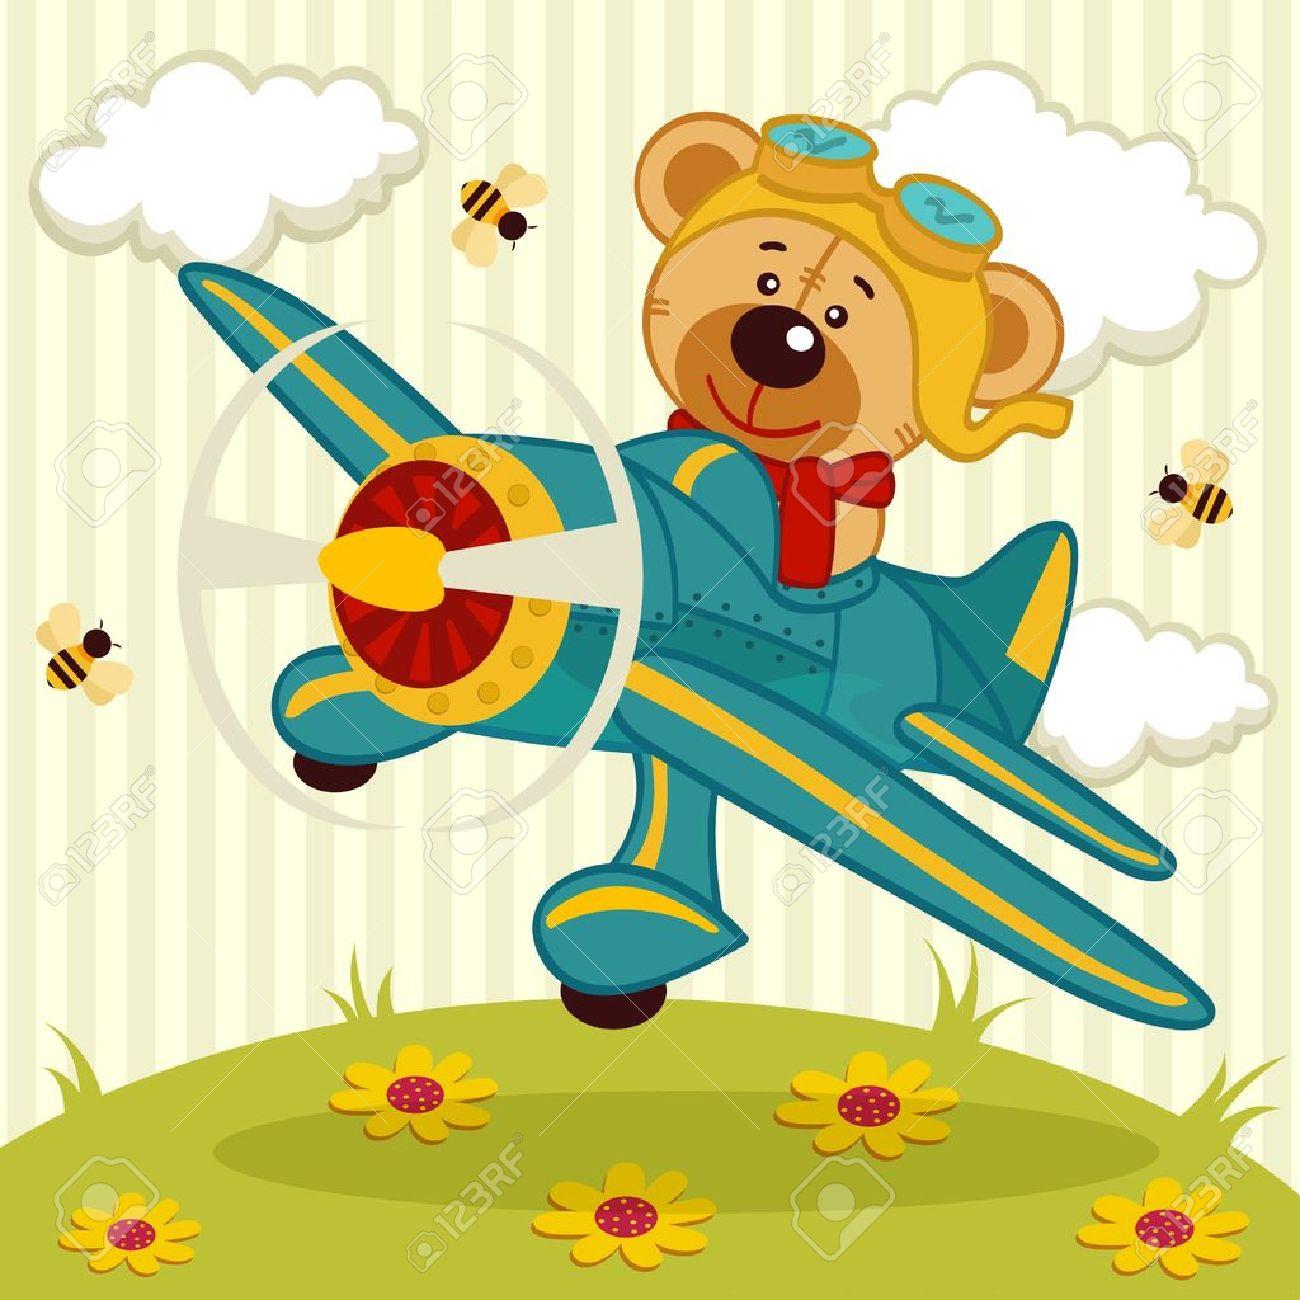 Teddybär auf einem Flugzeug zu fliegen - Vektor-Illustration Standard-Bild - 20300594